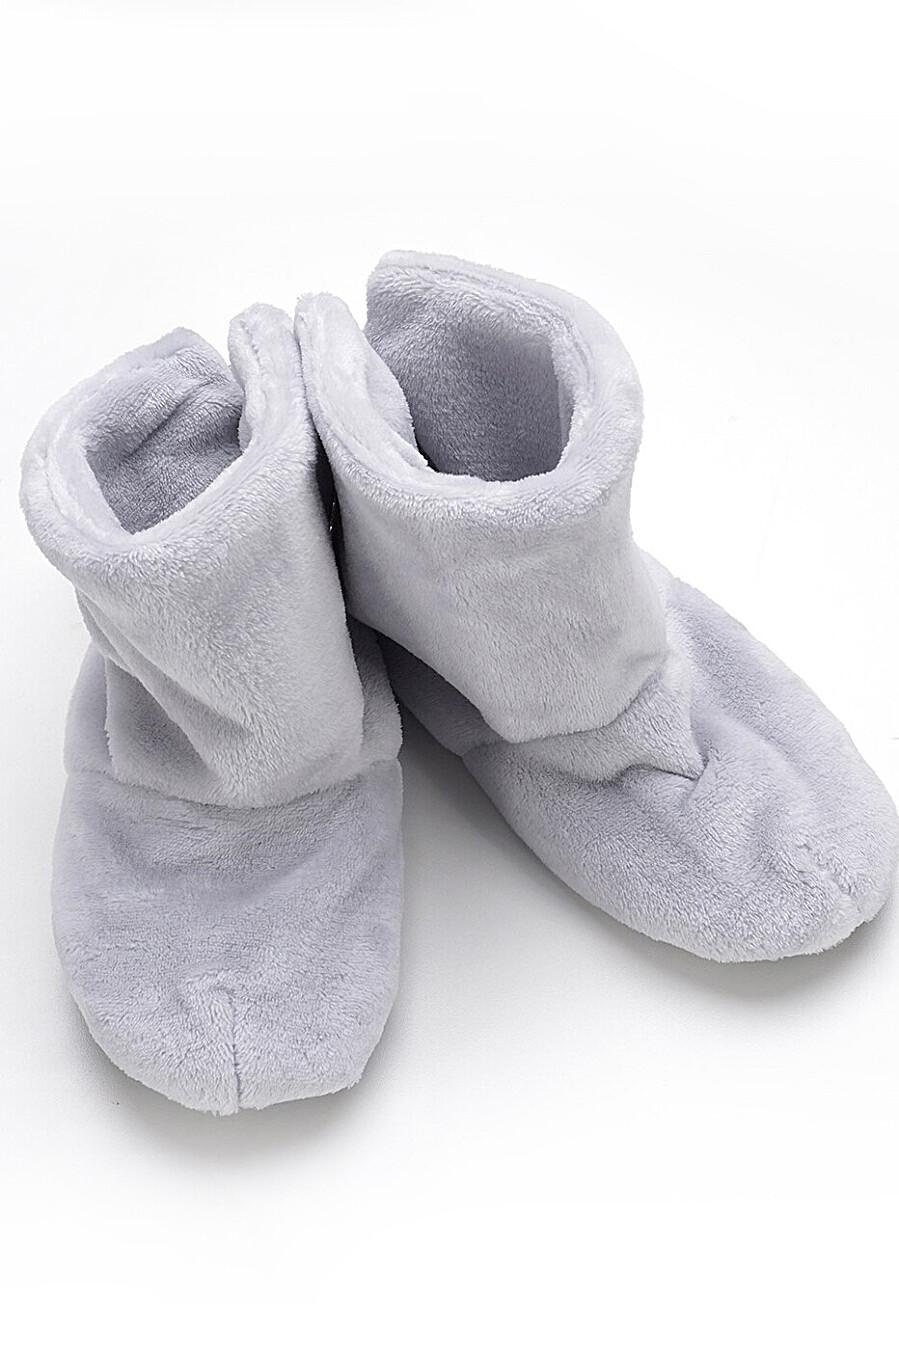 Тапки для женщин CLEVER 180953 купить оптом от производителя. Совместная покупка женской одежды в OptMoyo